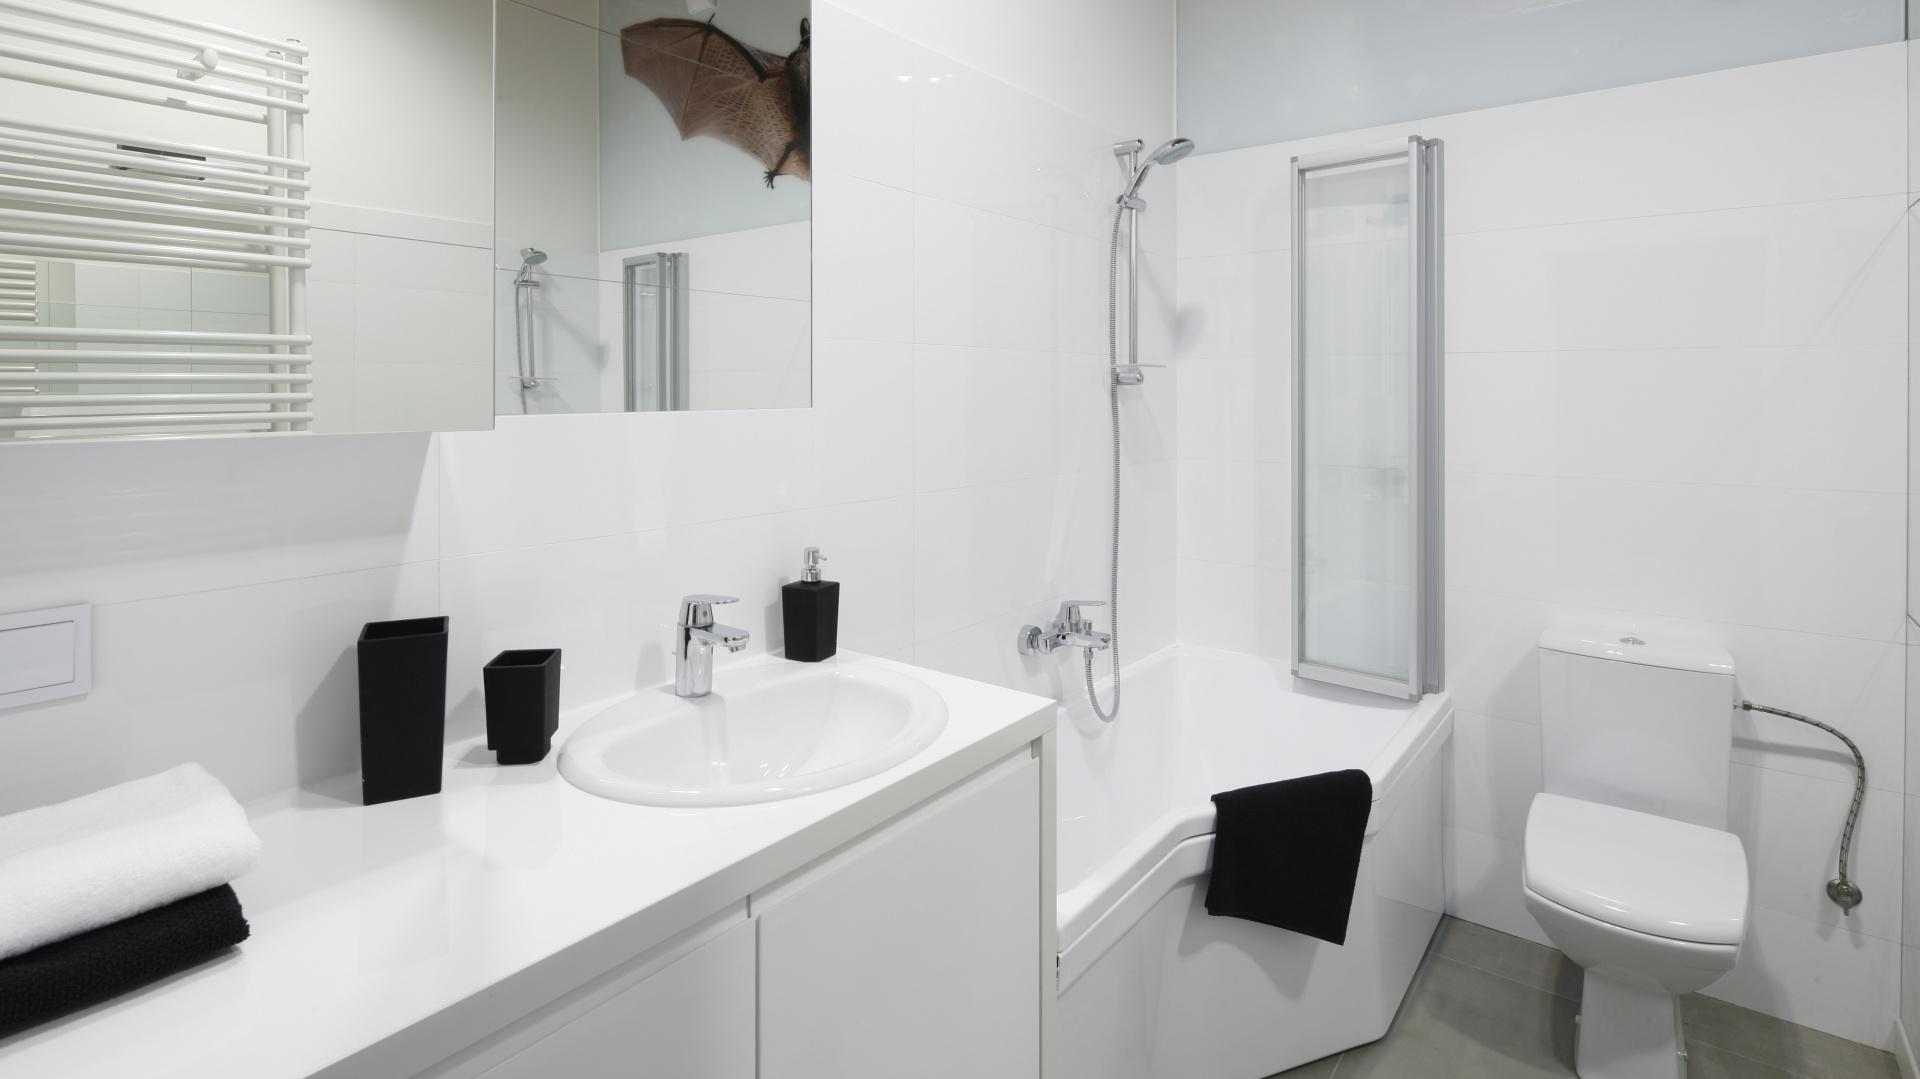 Rozwiązanie dwa w jednym, czyli prysznic połączony z wanną to zawsze dobre rozwiązanie w małej łazience. Jasne kolorystyka dodatkowo powiększa przestrzeń. Projekt: Tomasz Jasiński. Fot. Bartosz Jarosz